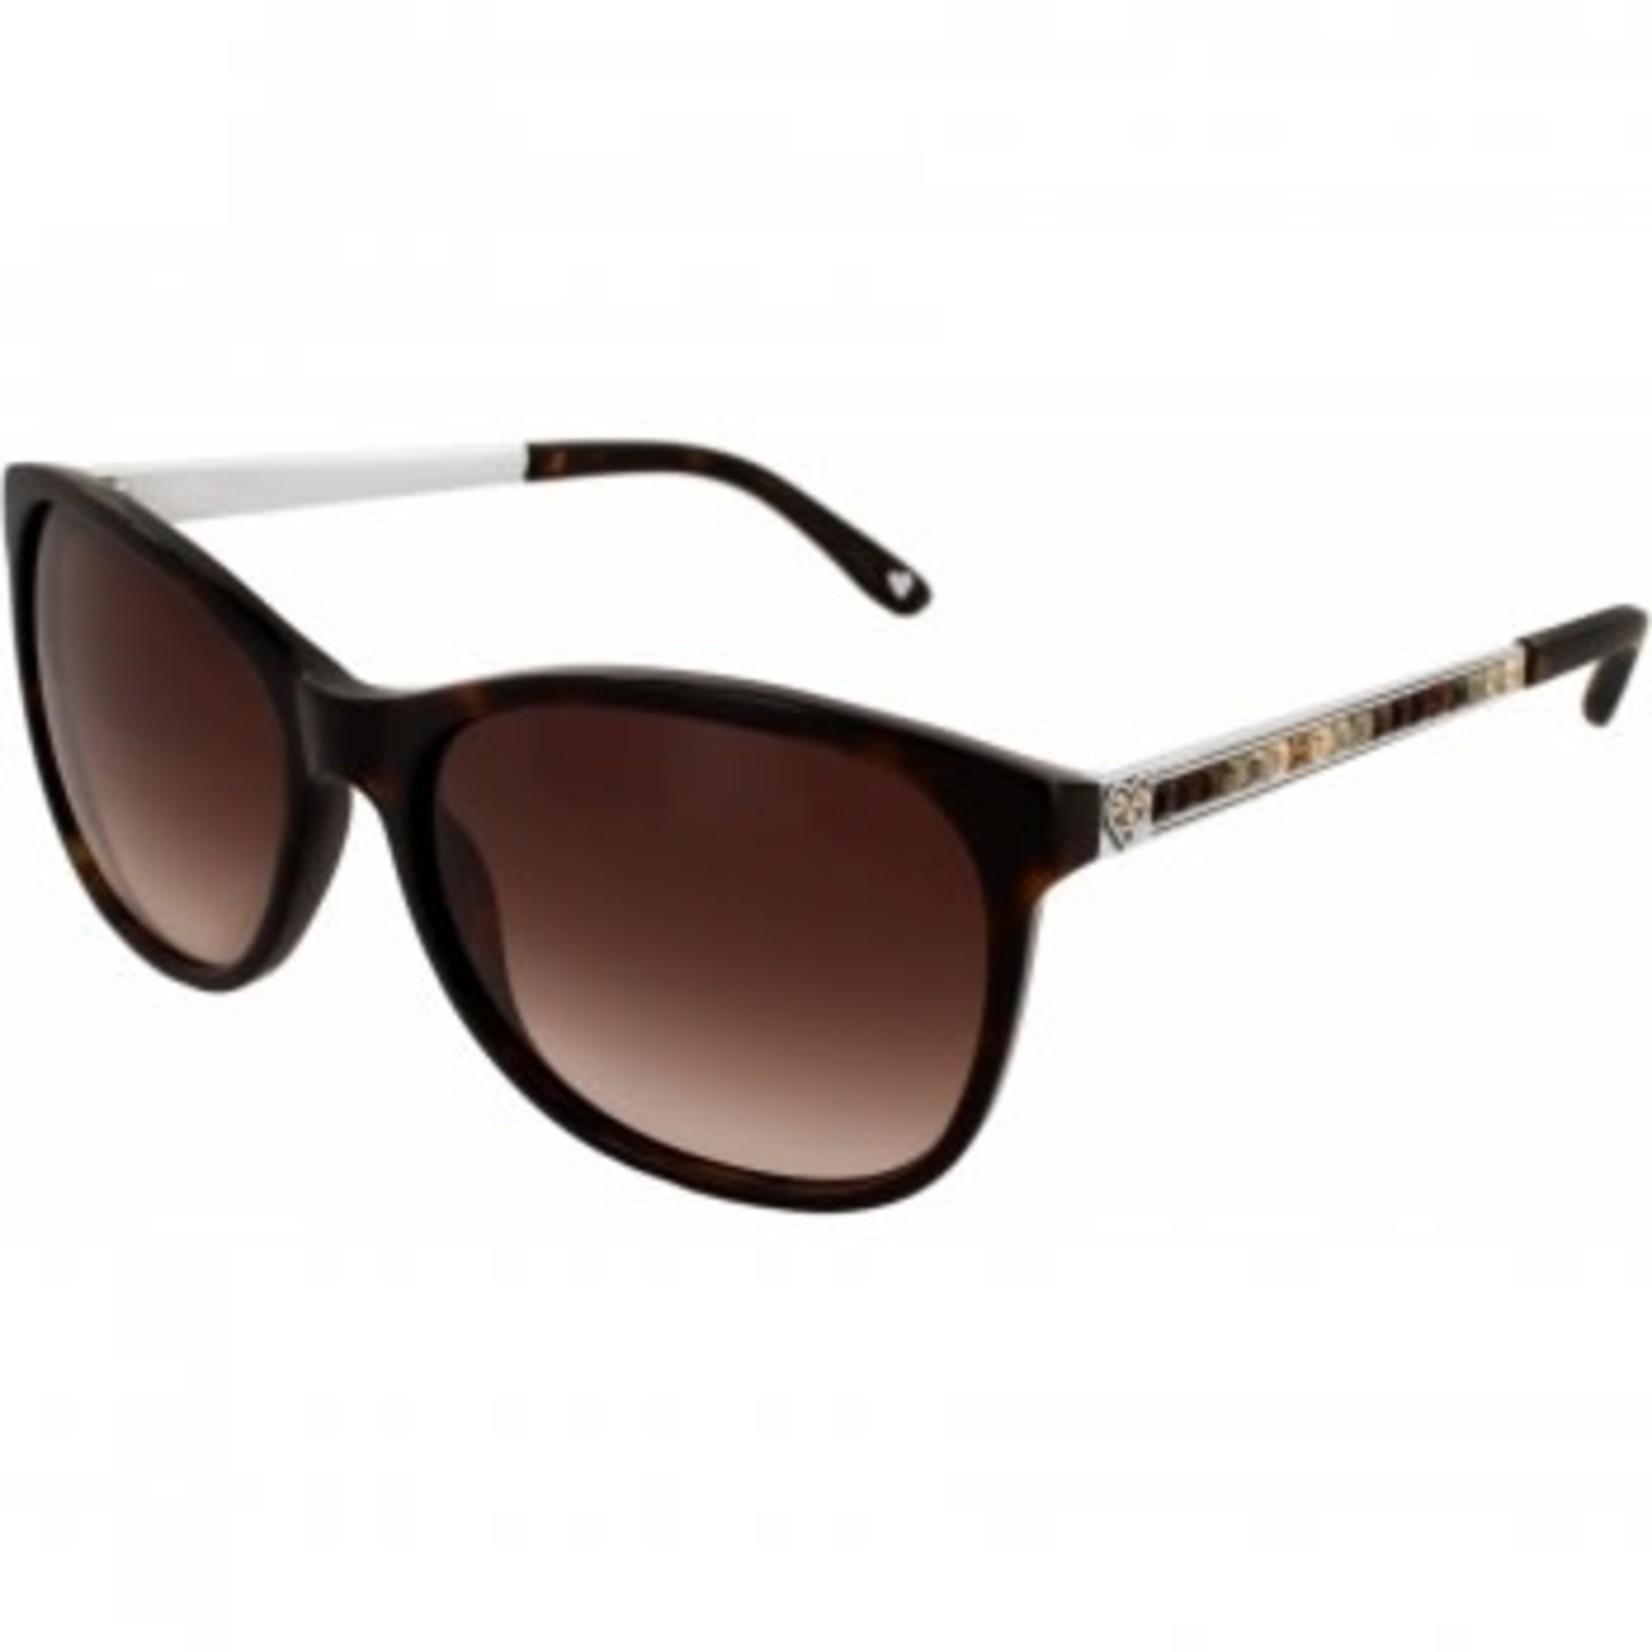 Brighton Spectrum Sunglasses in Tort